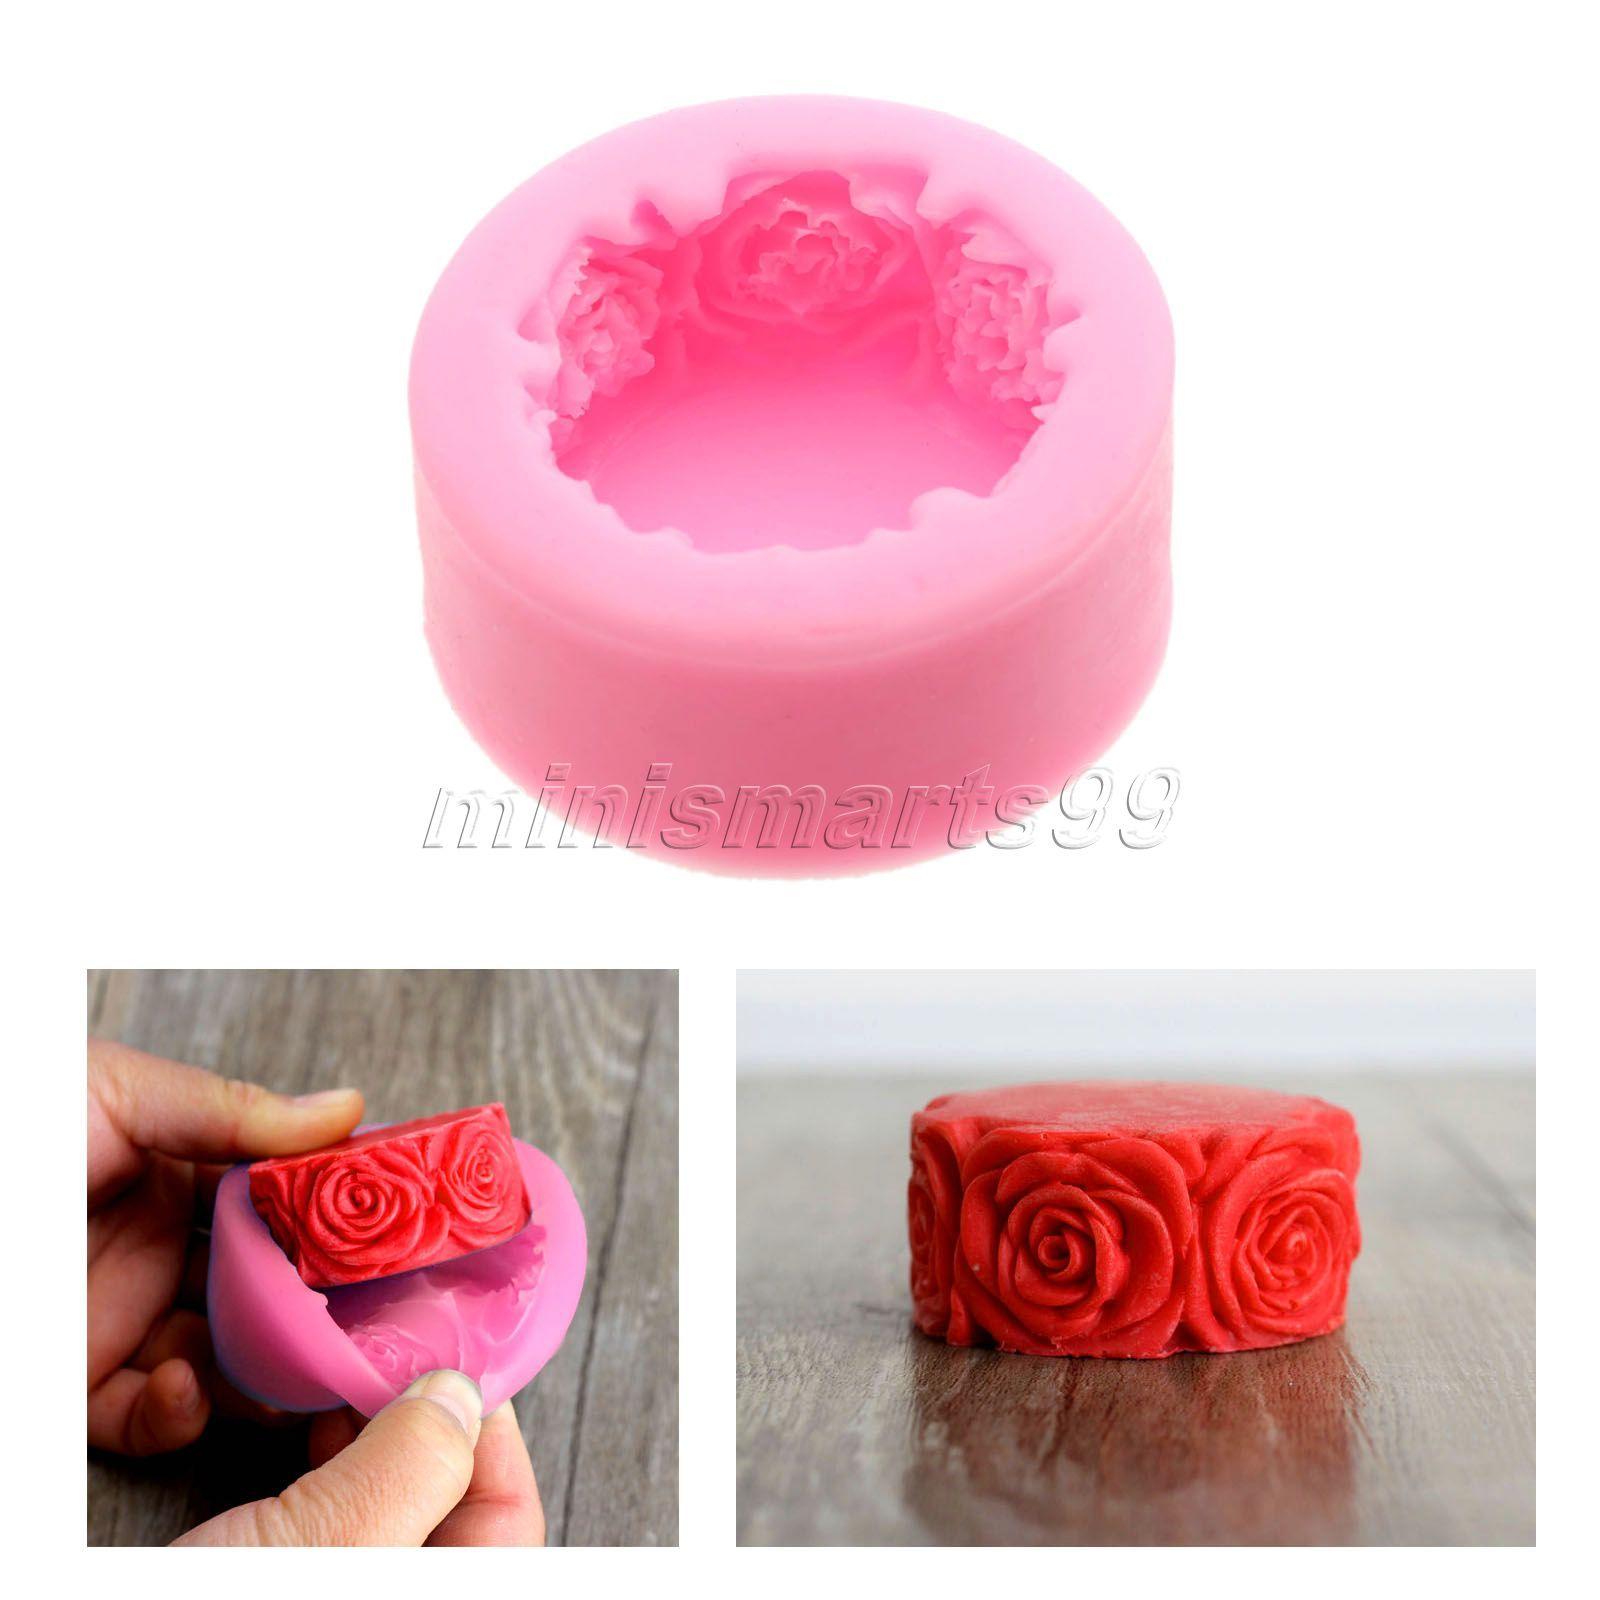 Nicole rose blumen rund silikonform formen für seife diy handwerk ...